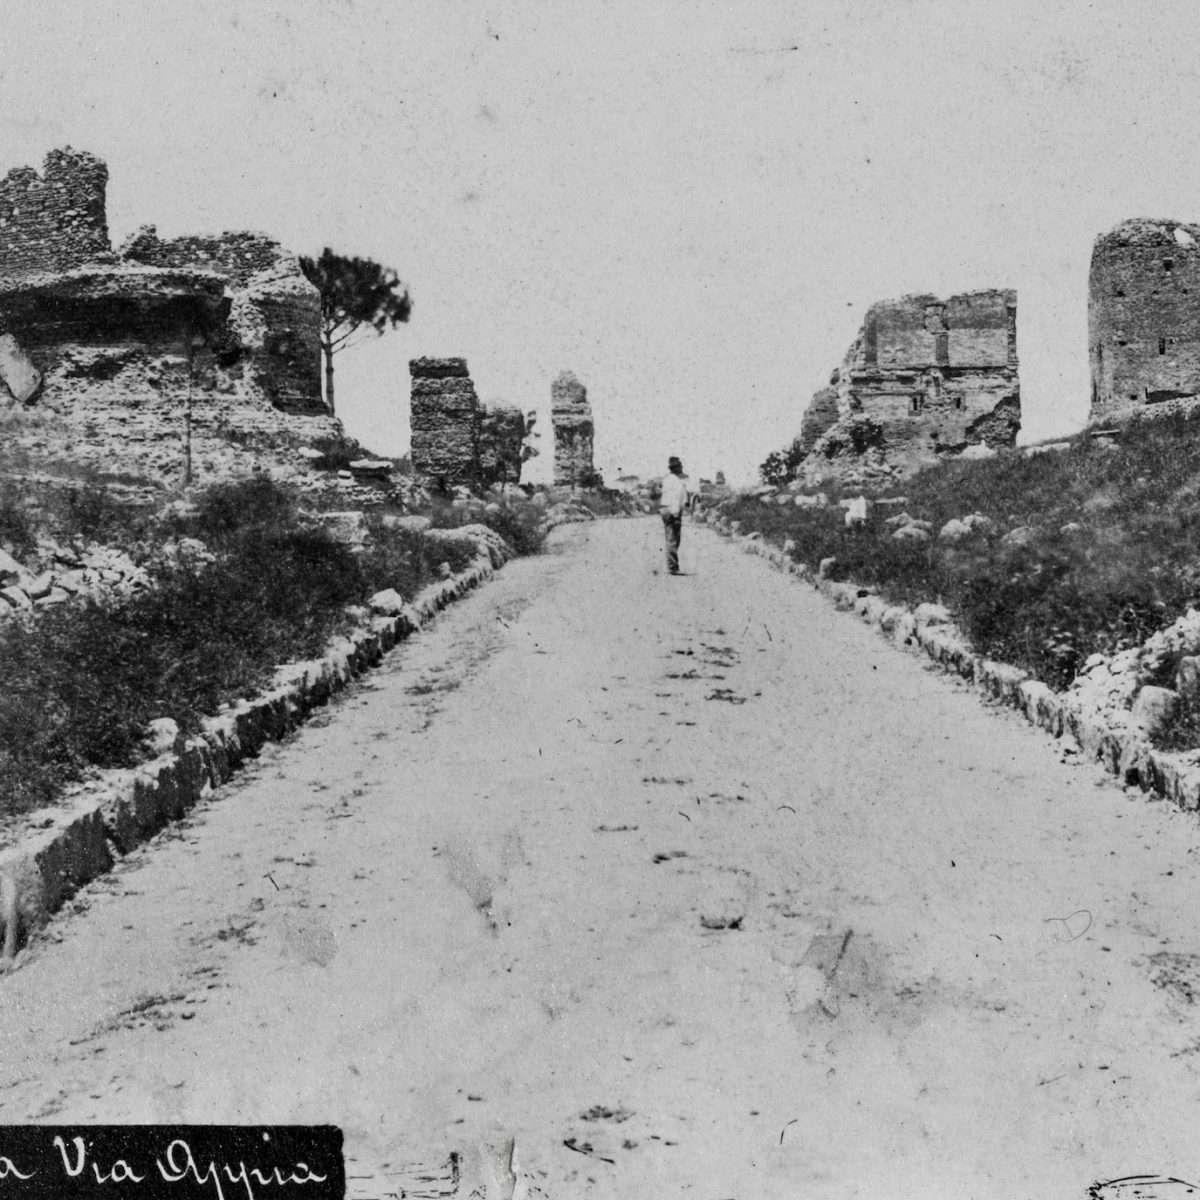 L-1090260 - Via Appia Antica